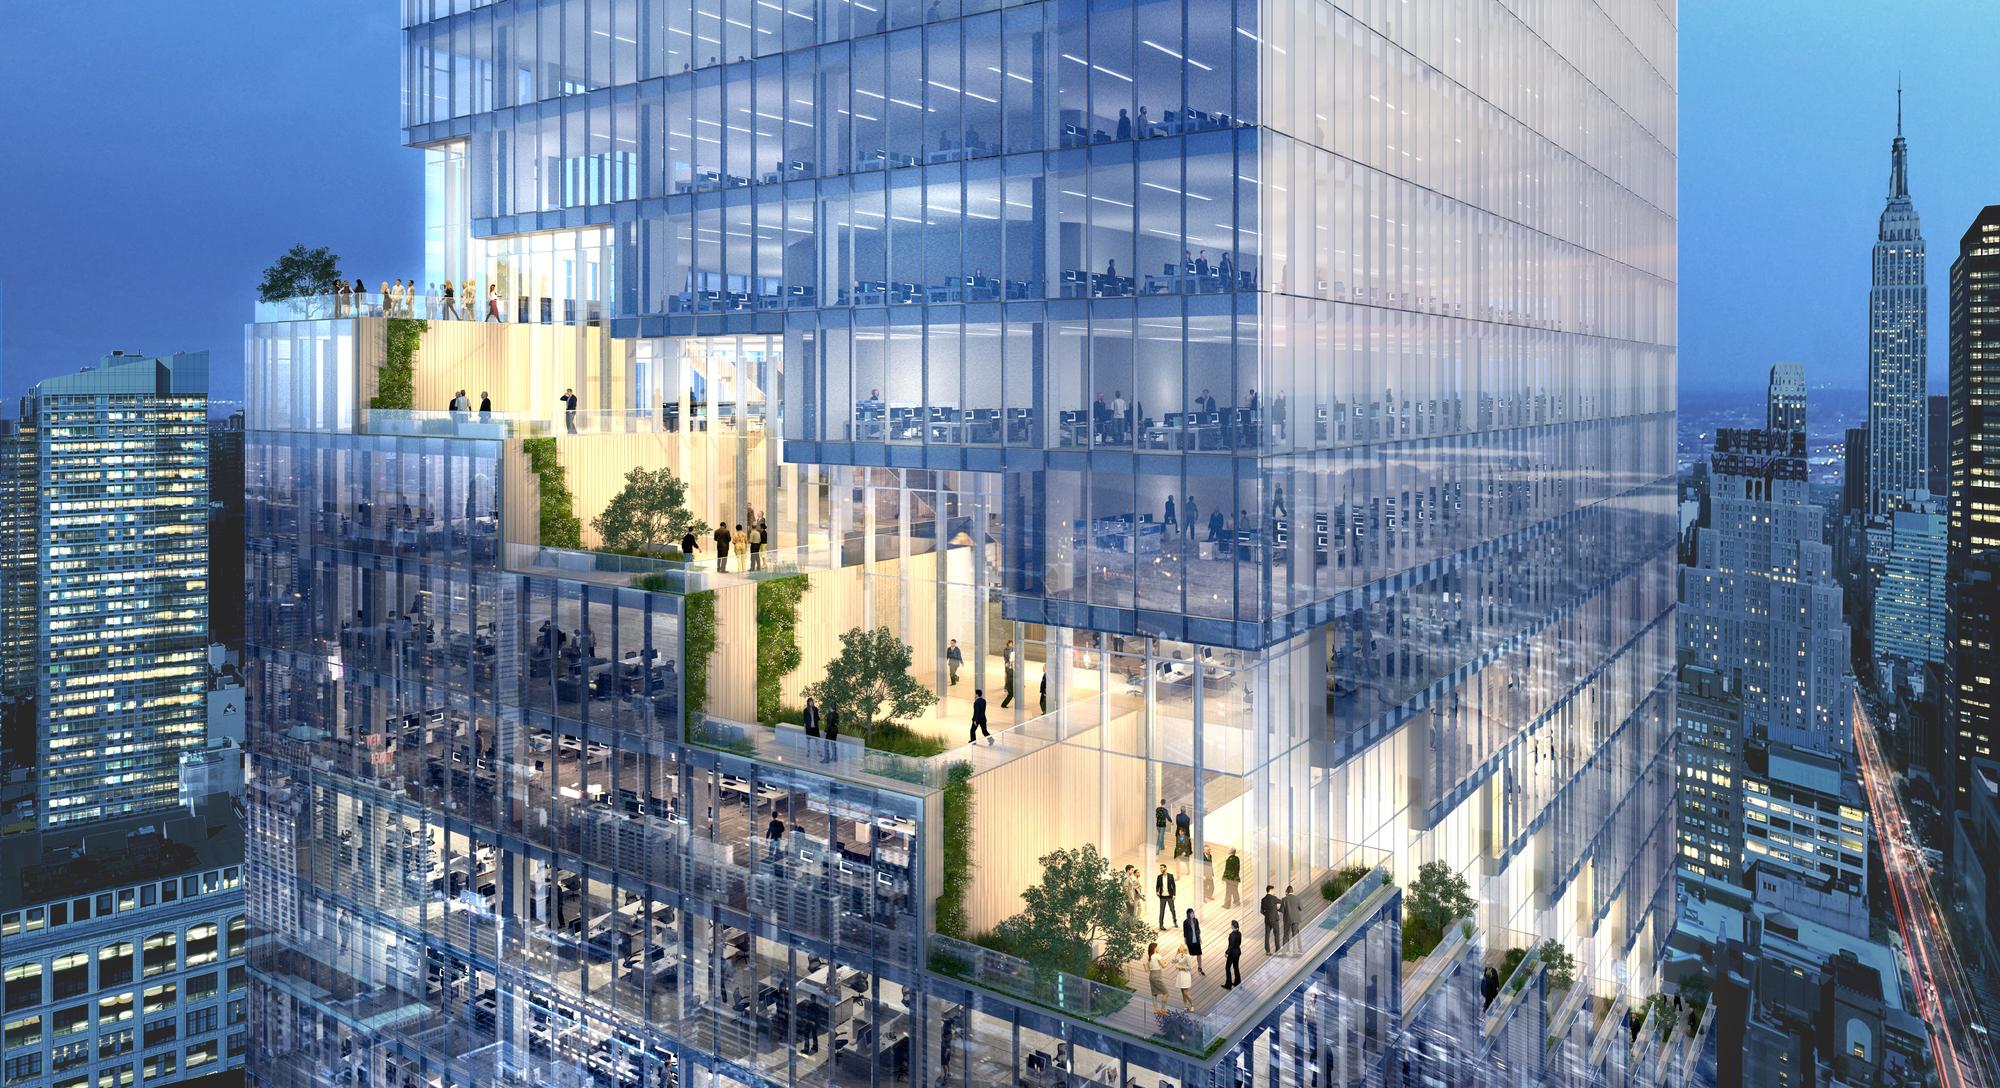 Ссылка дня: 10 экологичных зданий, которые сделают мир лучше